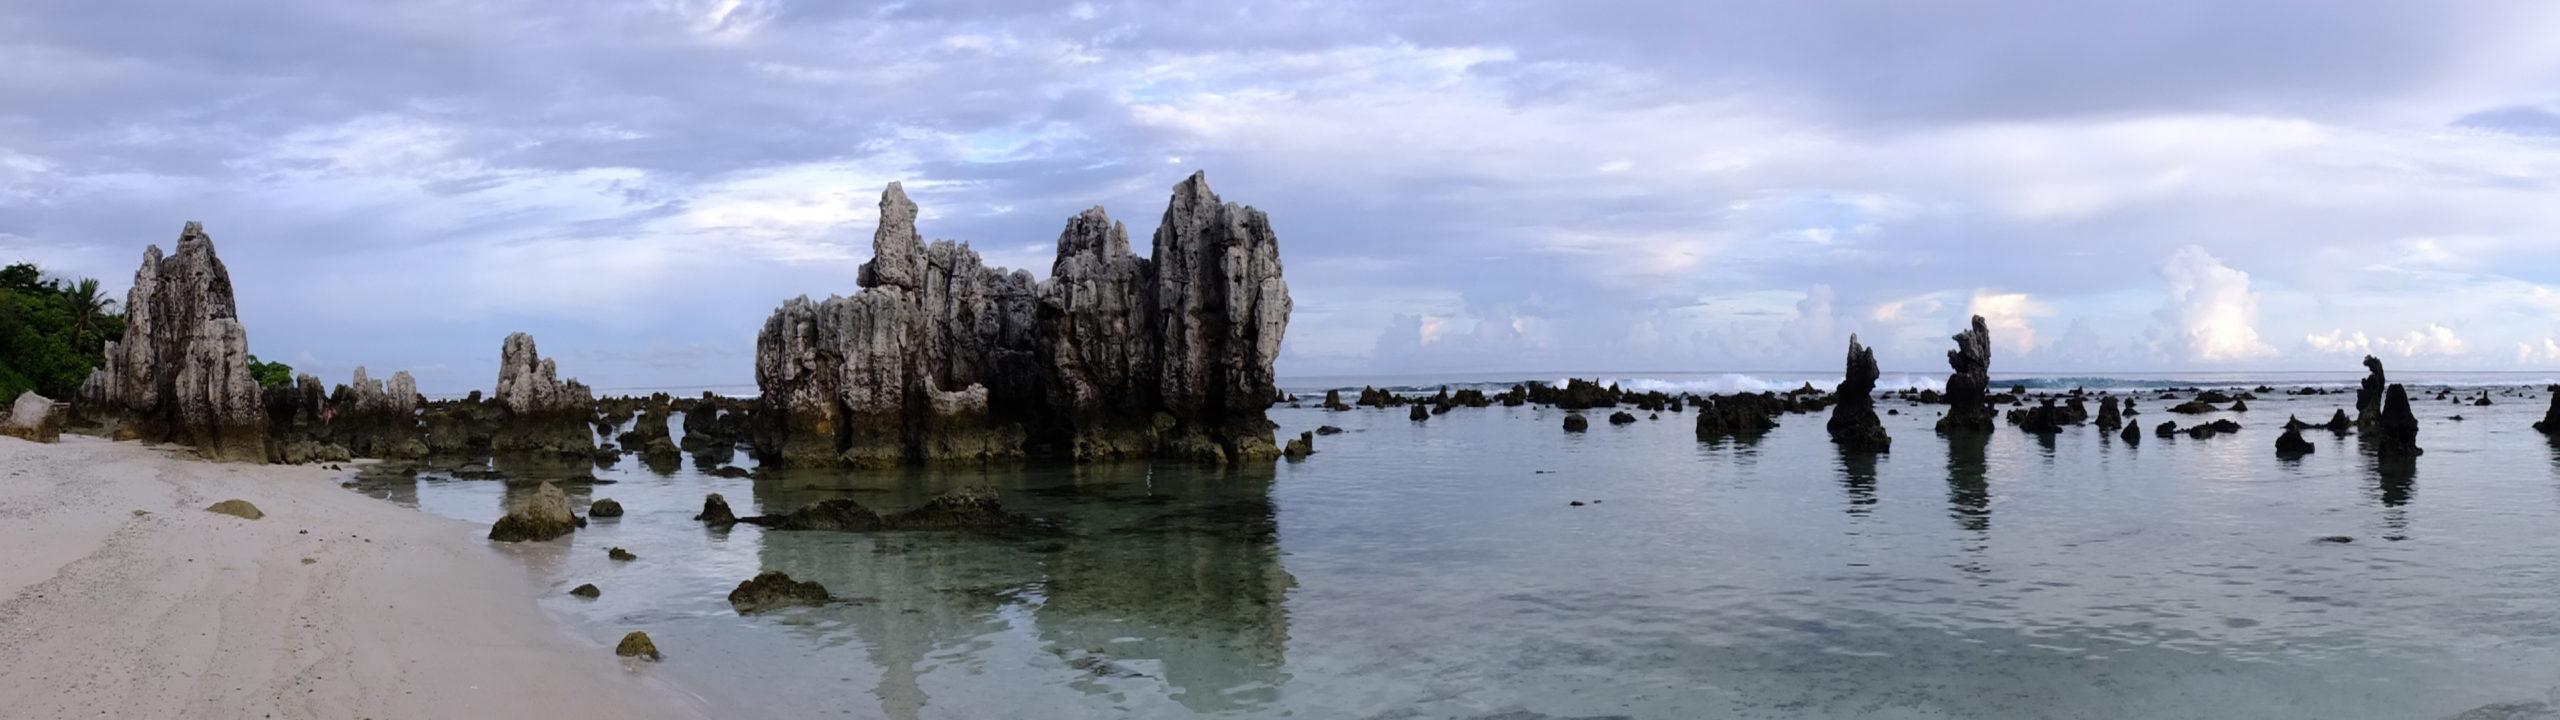 Nauru. [Shutterstock]